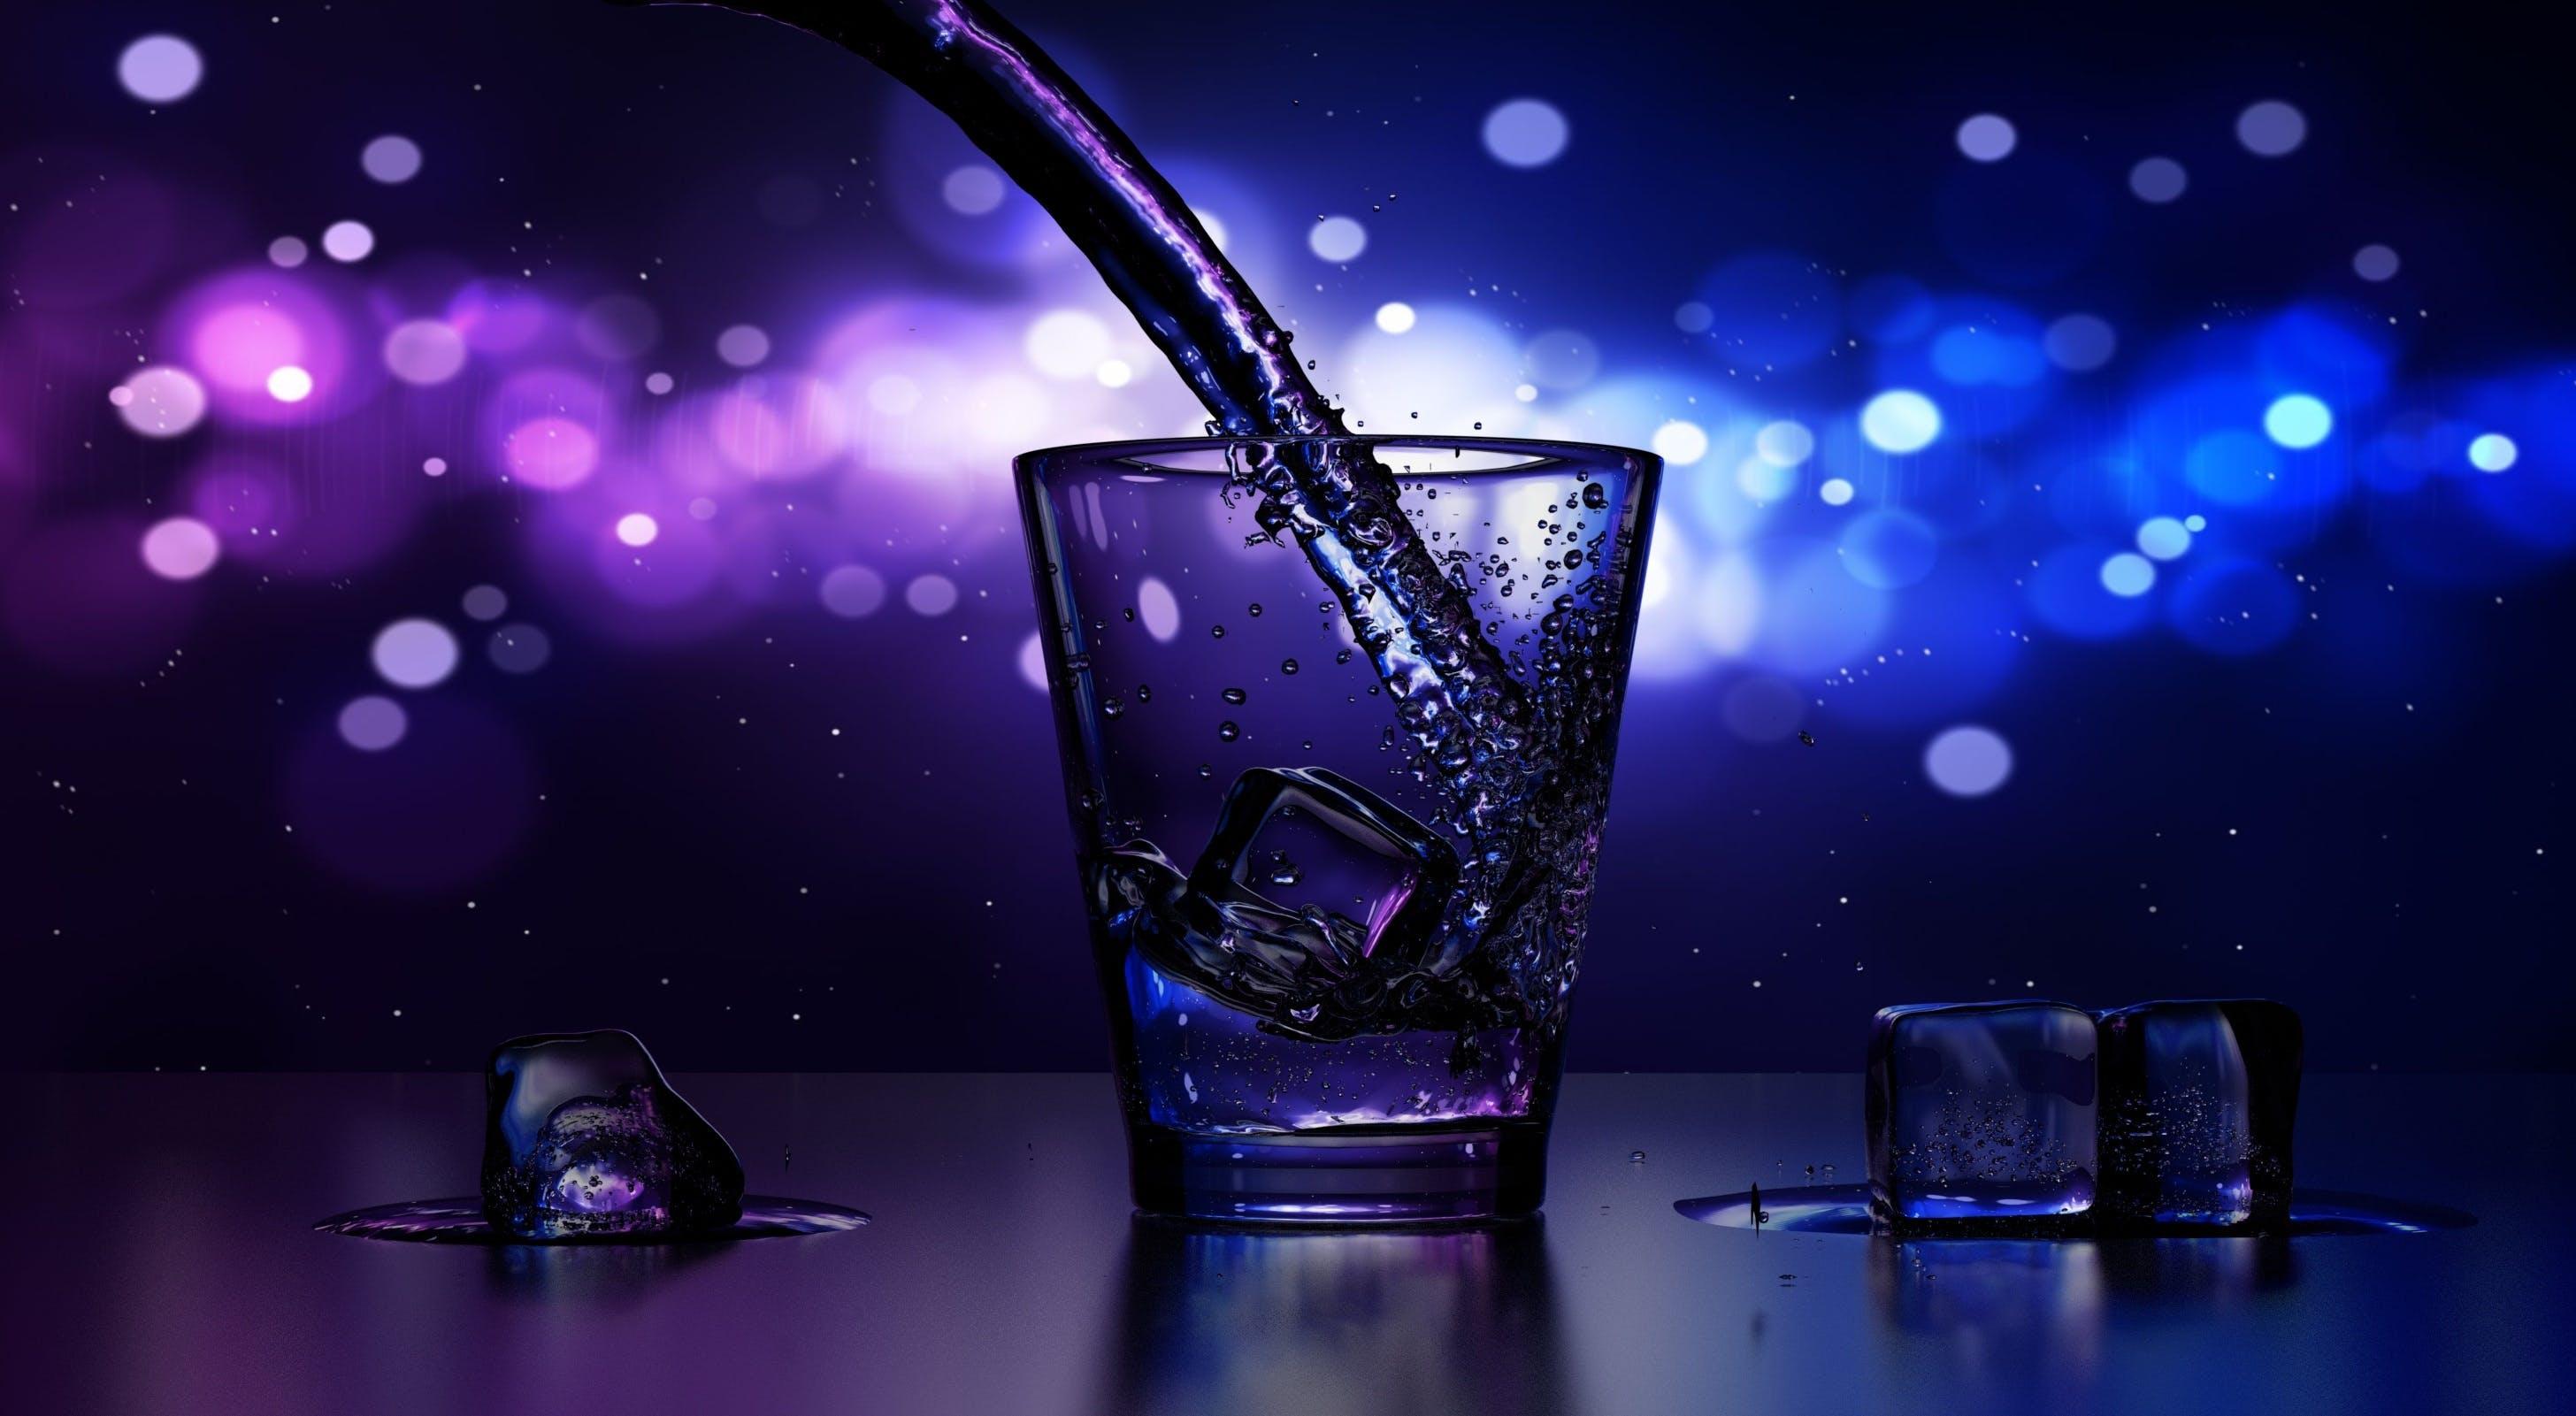 Δωρεάν στοκ φωτογραφιών με αναψυκτικό, πάγος, πίνω, υγρό